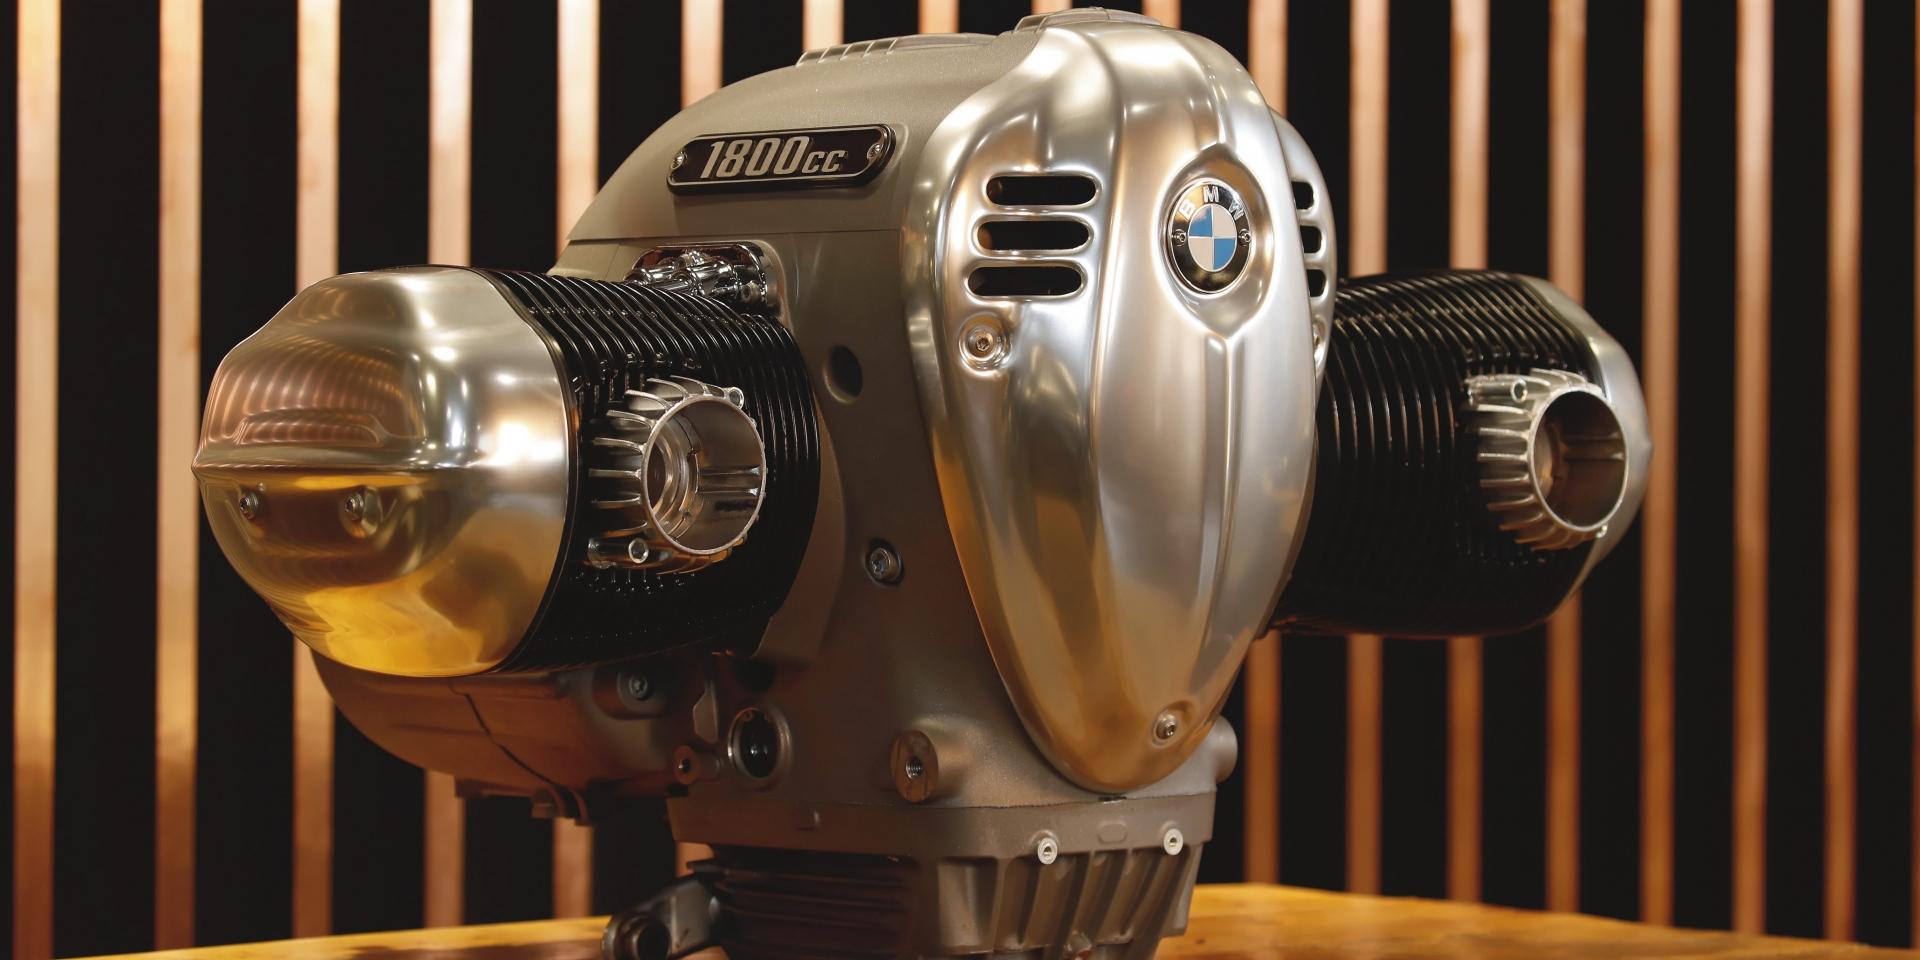 全新1800cc水平對臥動力,BMW R18引擎正式亮相!